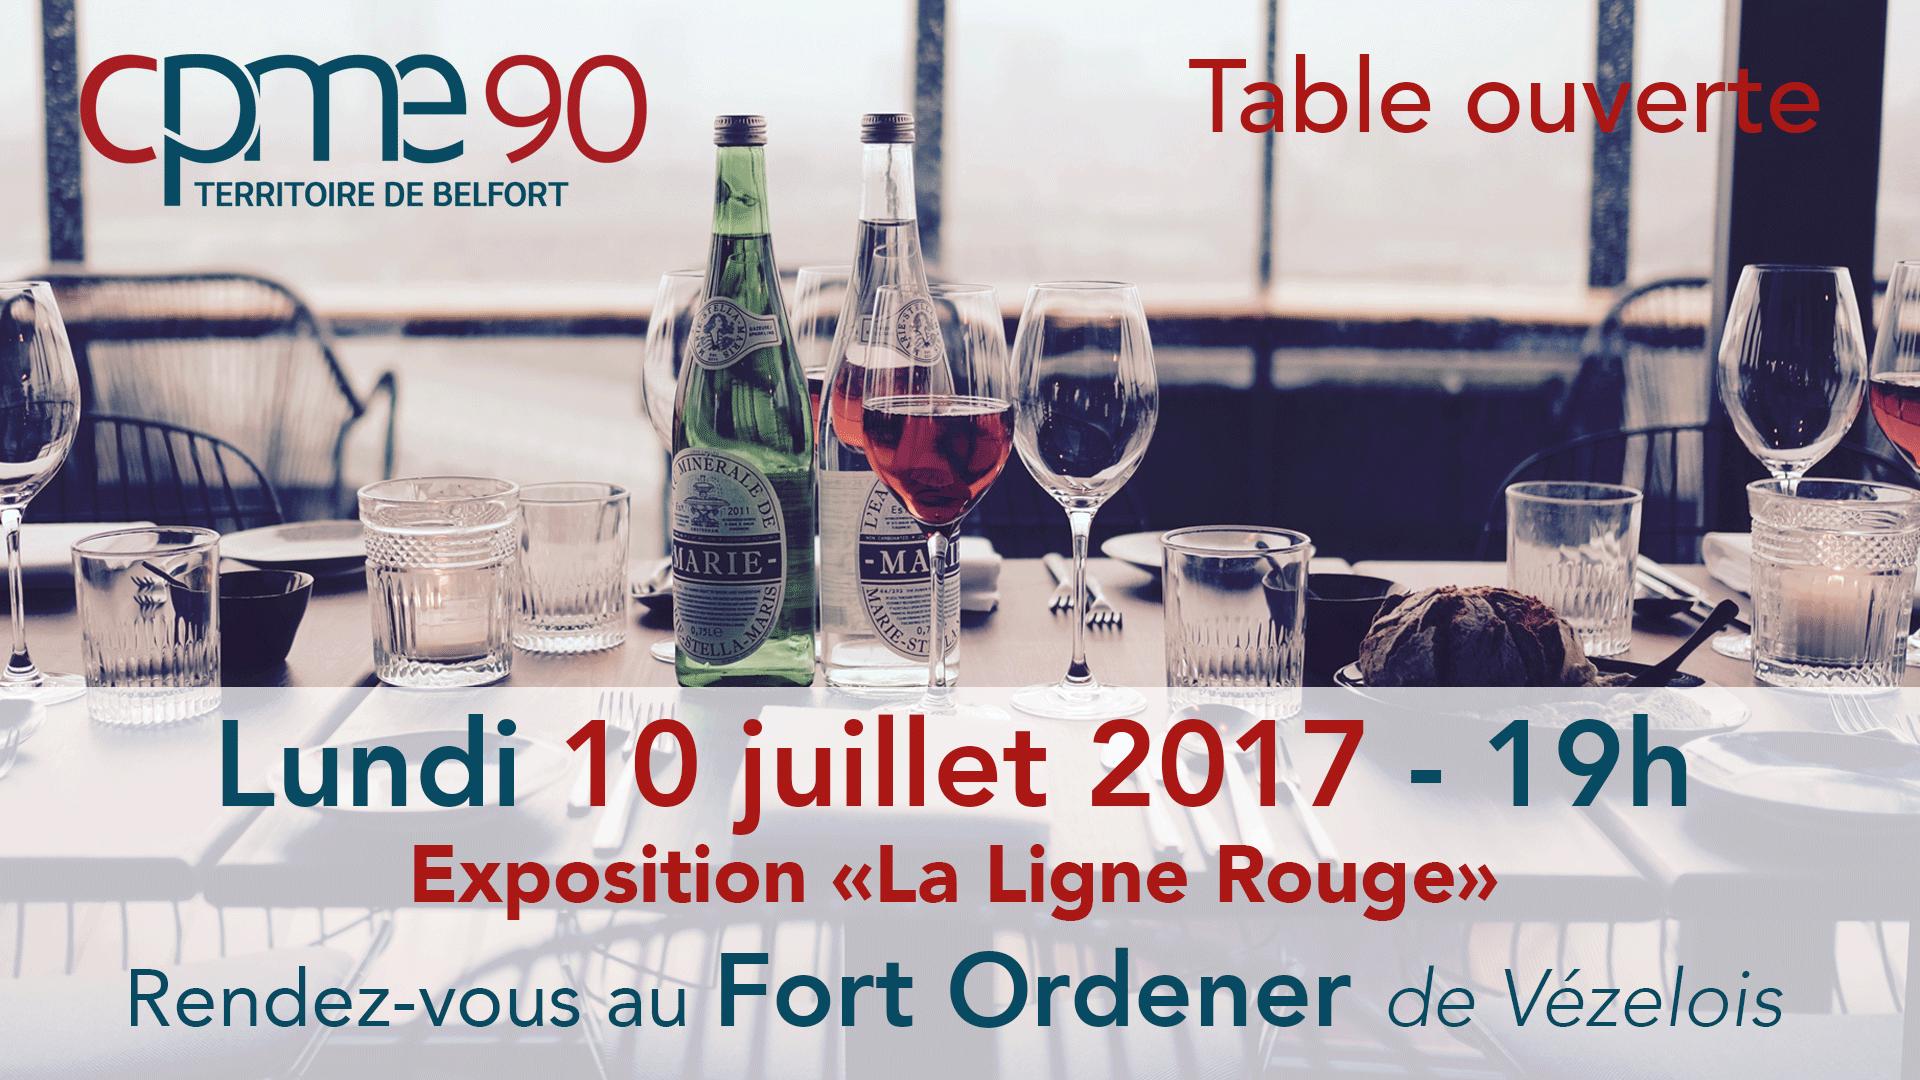 20170710-Table-ouverte-CPME90